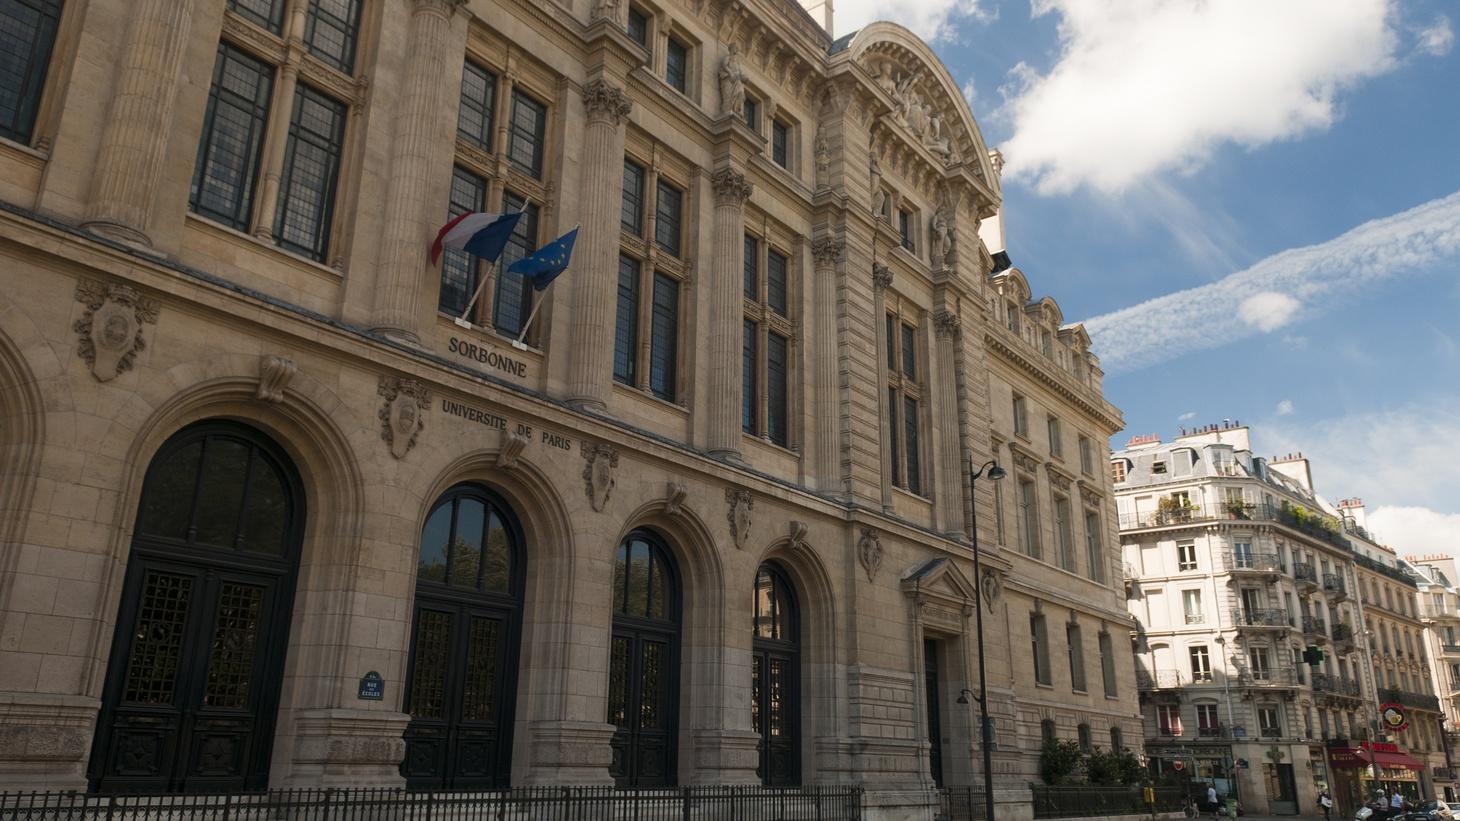 La Sorbonne - University of Paris.